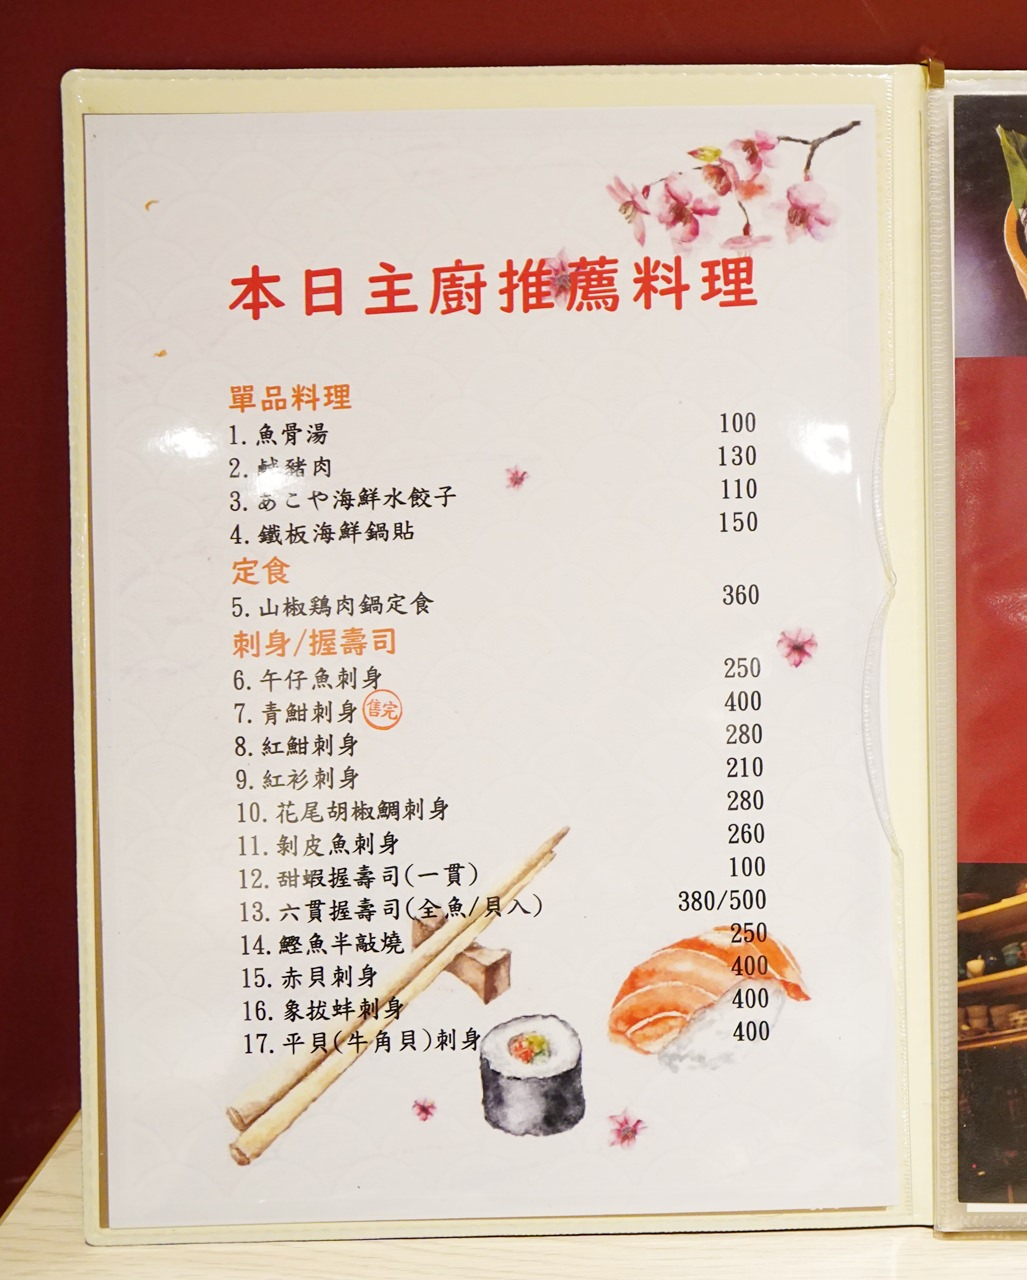 [高雄巨蛋美食]あこや太羽魚貝料理専門店-海外第一間分店~高貴不貴生魚片定食x山椒雞肉鍋 @美食好芃友